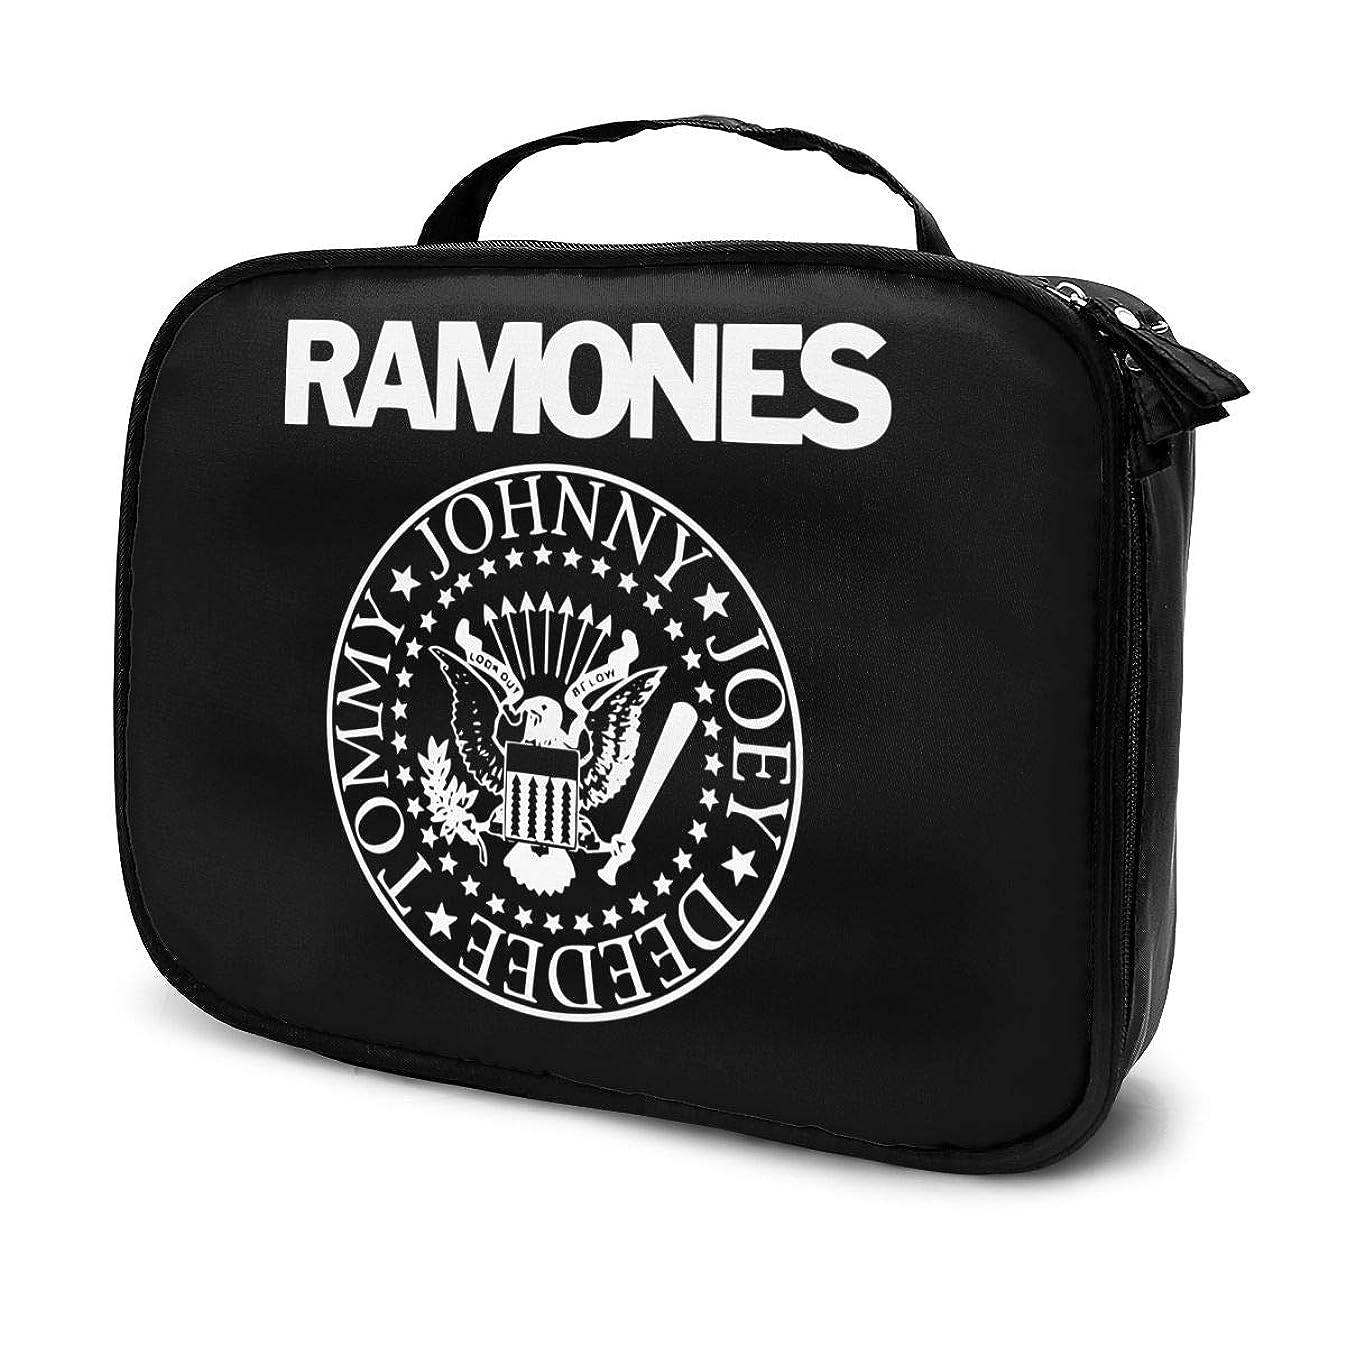 と組む最終的にメジャーメイクボックス プロ用 Ramones ラモーンズ メイクポーチ 化粧ポーチ コスメケース トイレタリーバッグ トラベルポーチ 旅行外出 携帯用 防水設計 高級感 小物収納 バッグインバッグ グッズ レディース メンズ